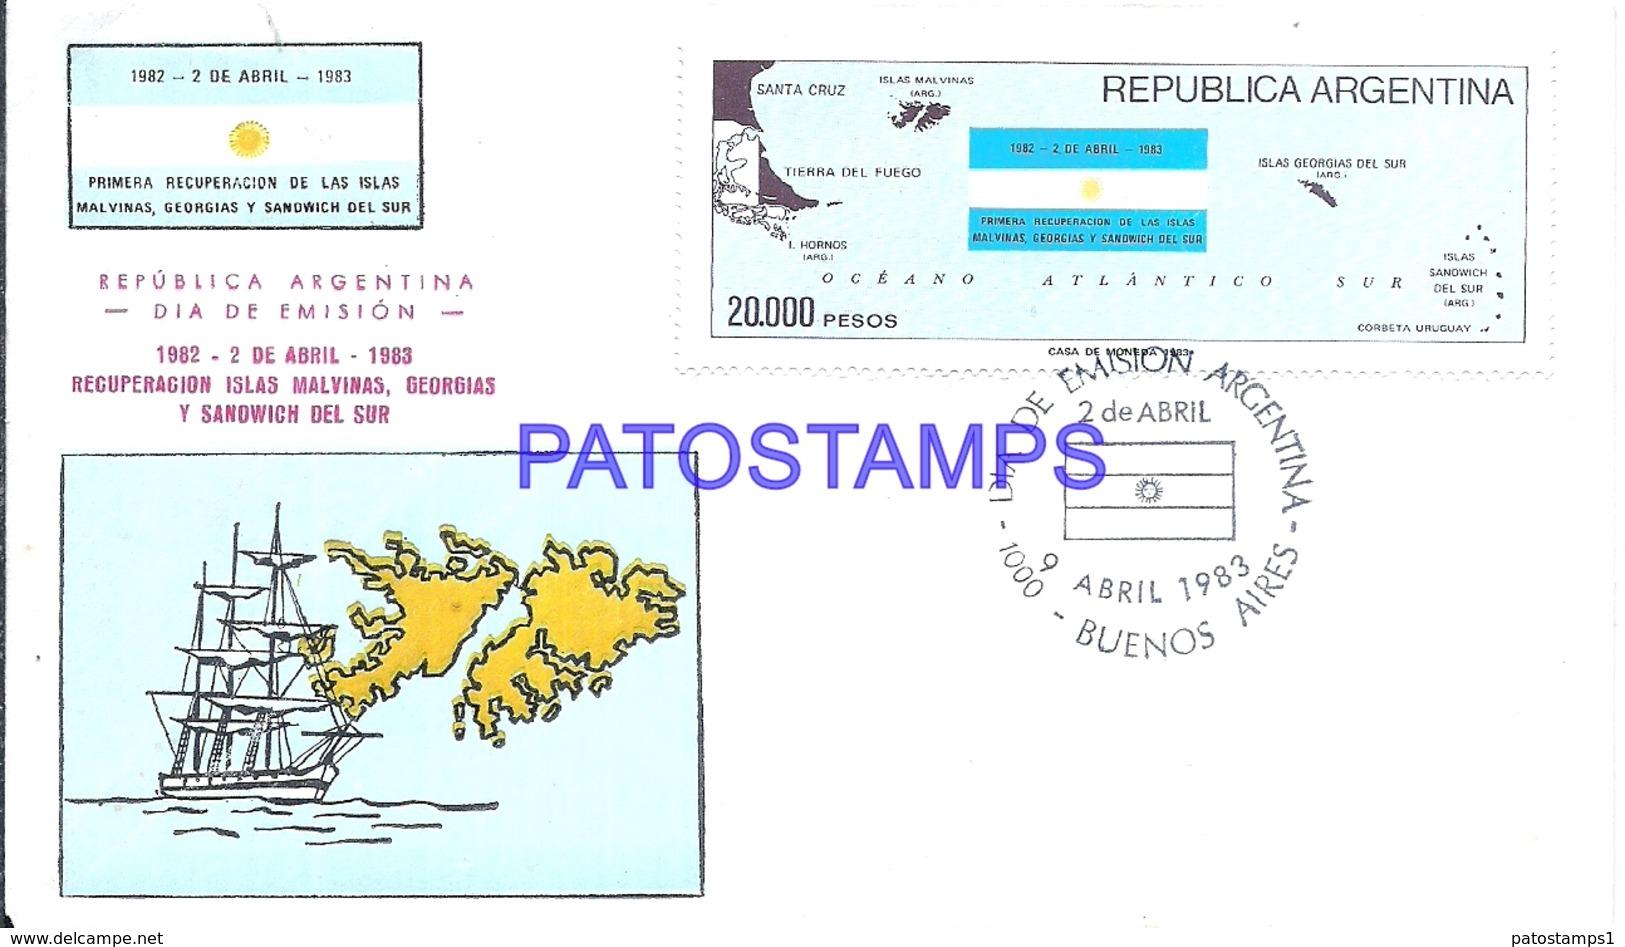 117495 ARGENTINA BUENOS AIRES COVER 1983 UK ISLAS MALVINAS FALKLAND ISLANDS GEORGIAS Y SANDWICH DEL SUR NO POSTCARD - Argentinien